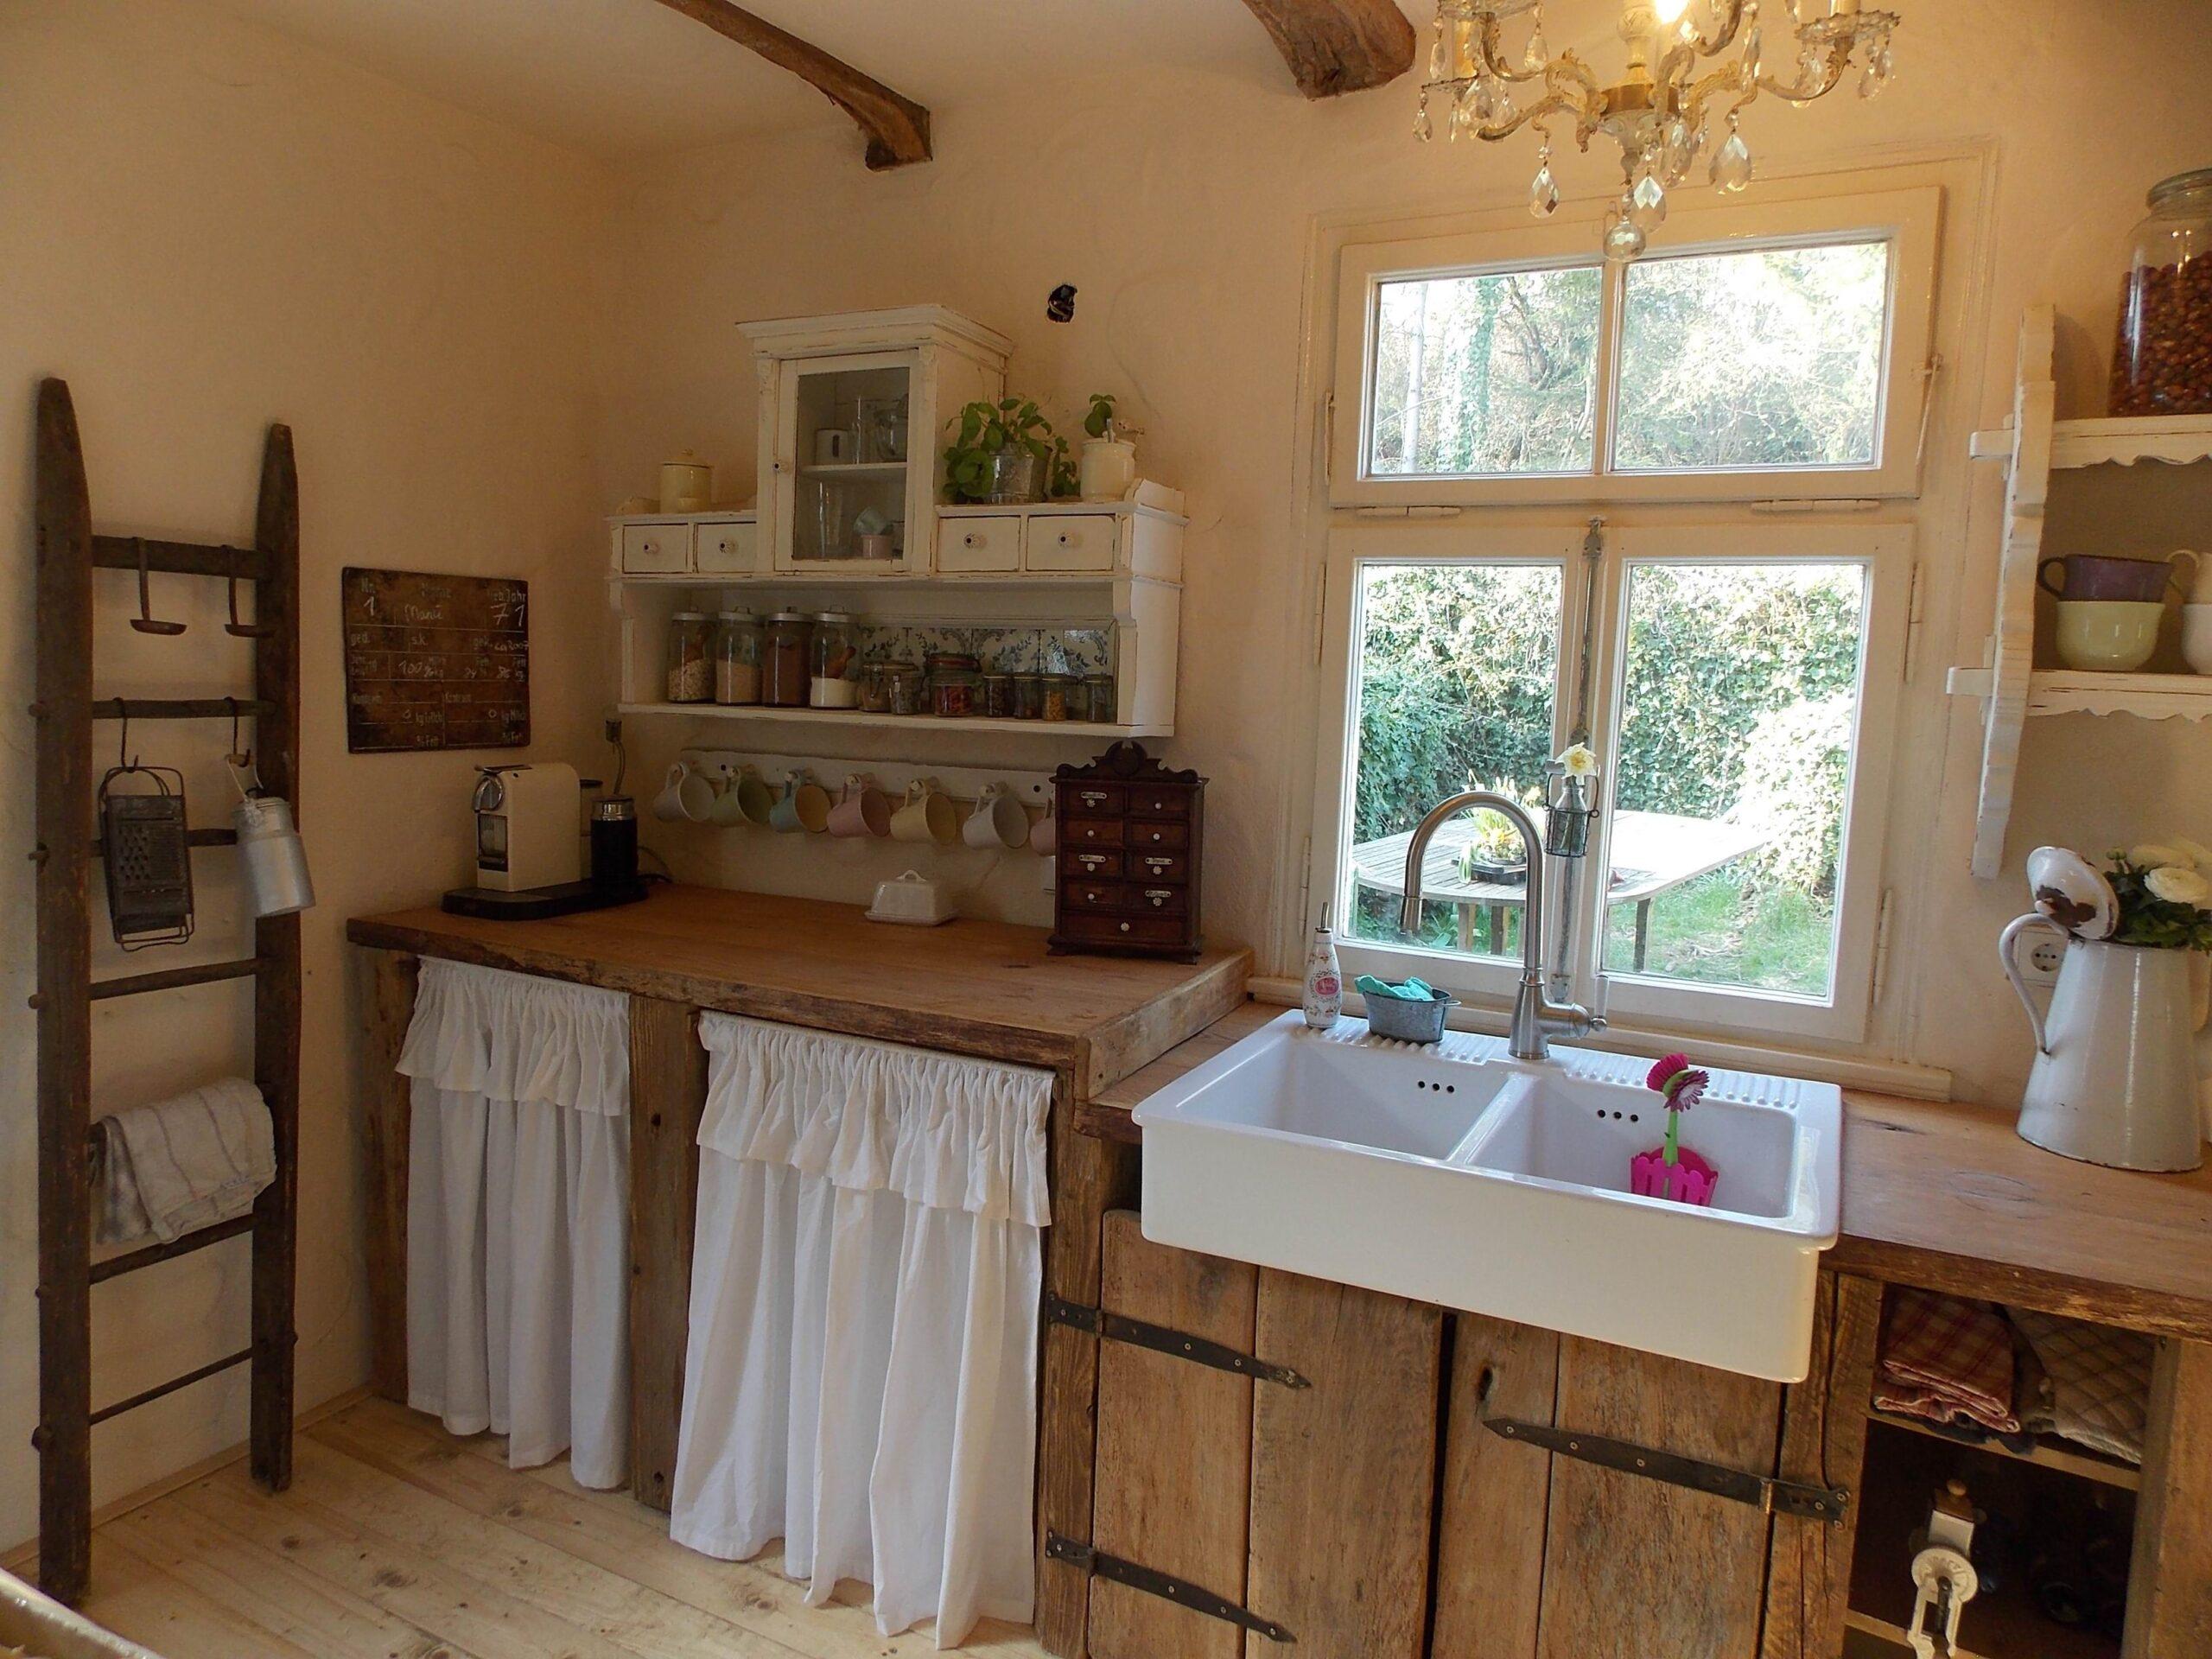 Full Size of Küche Shabby Farmhouse Kitchen Landhaus Kche Chic Altes Holz Was Kostet Eine Neue Arbeitsplatte Sitzgruppe Bauen Gebrauchte Verkaufen Wanddeko Jalousieschrank Wohnzimmer Küche Shabby